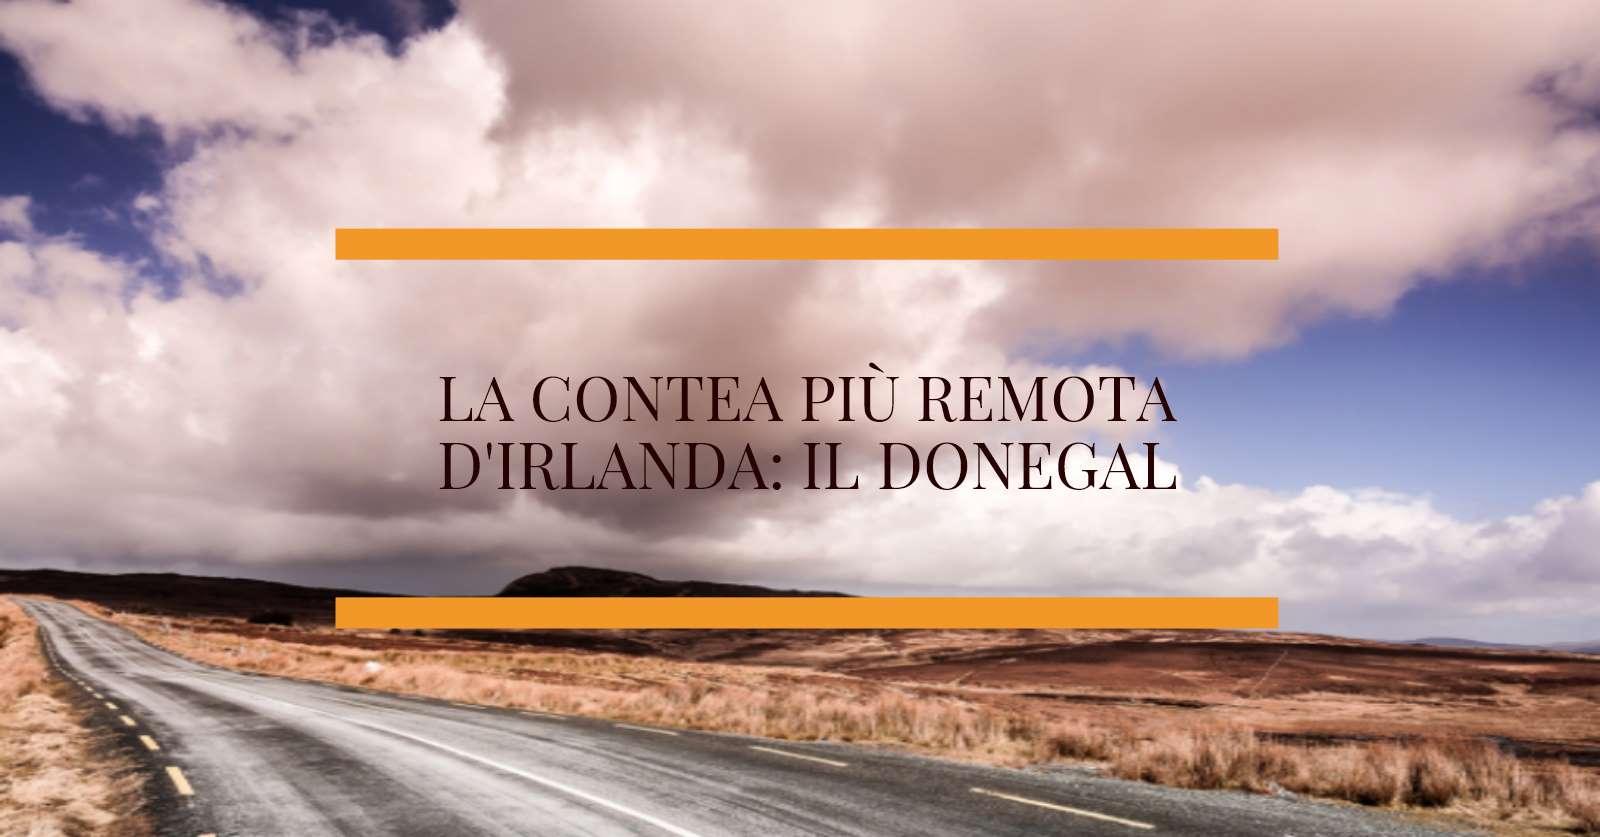 La Contea più remota d'Irlanda: il Donegal